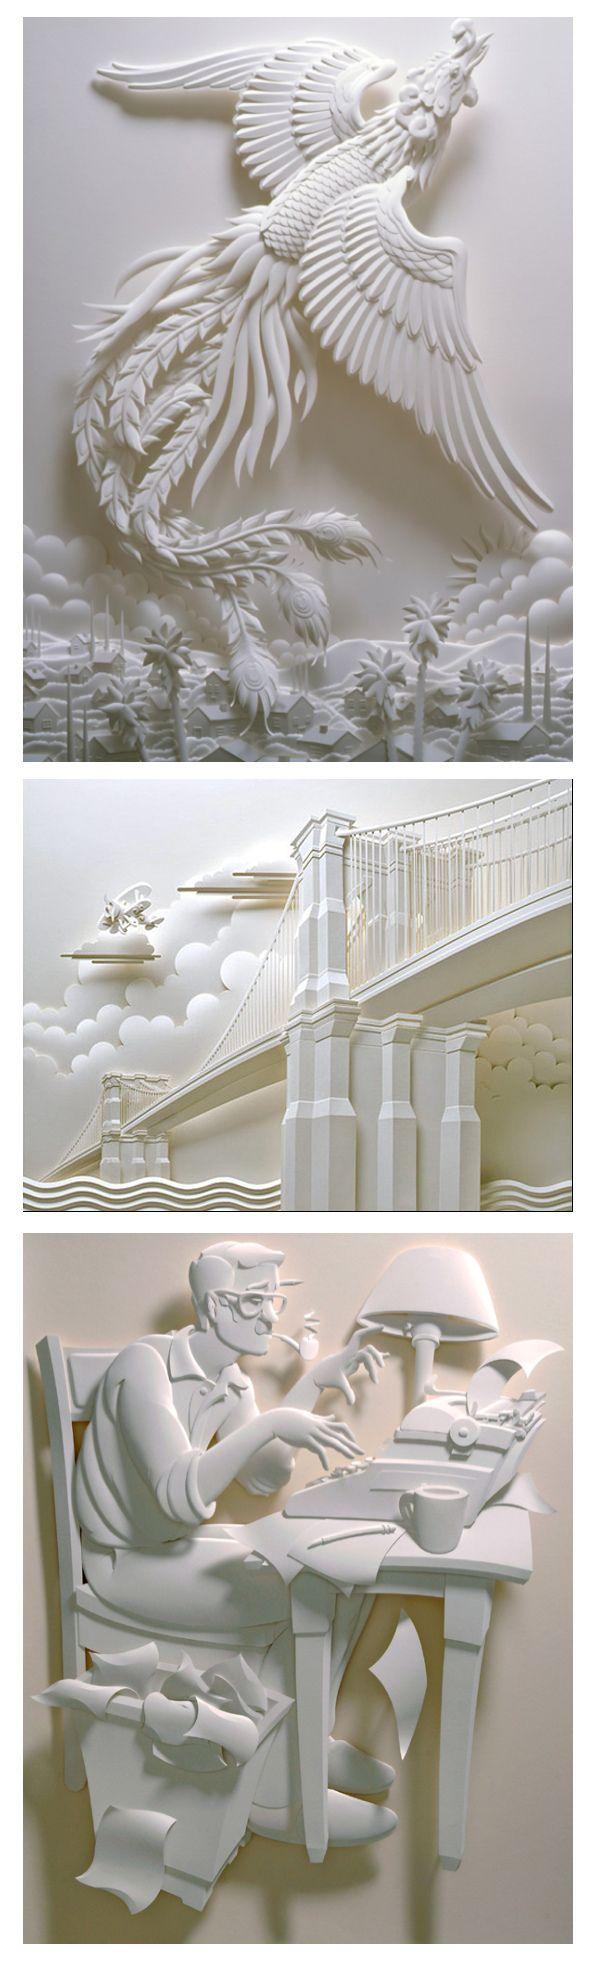 Jeffnis Hinaka - 100 créations uniques à découvrir sur l'art du papier ! - graphisme